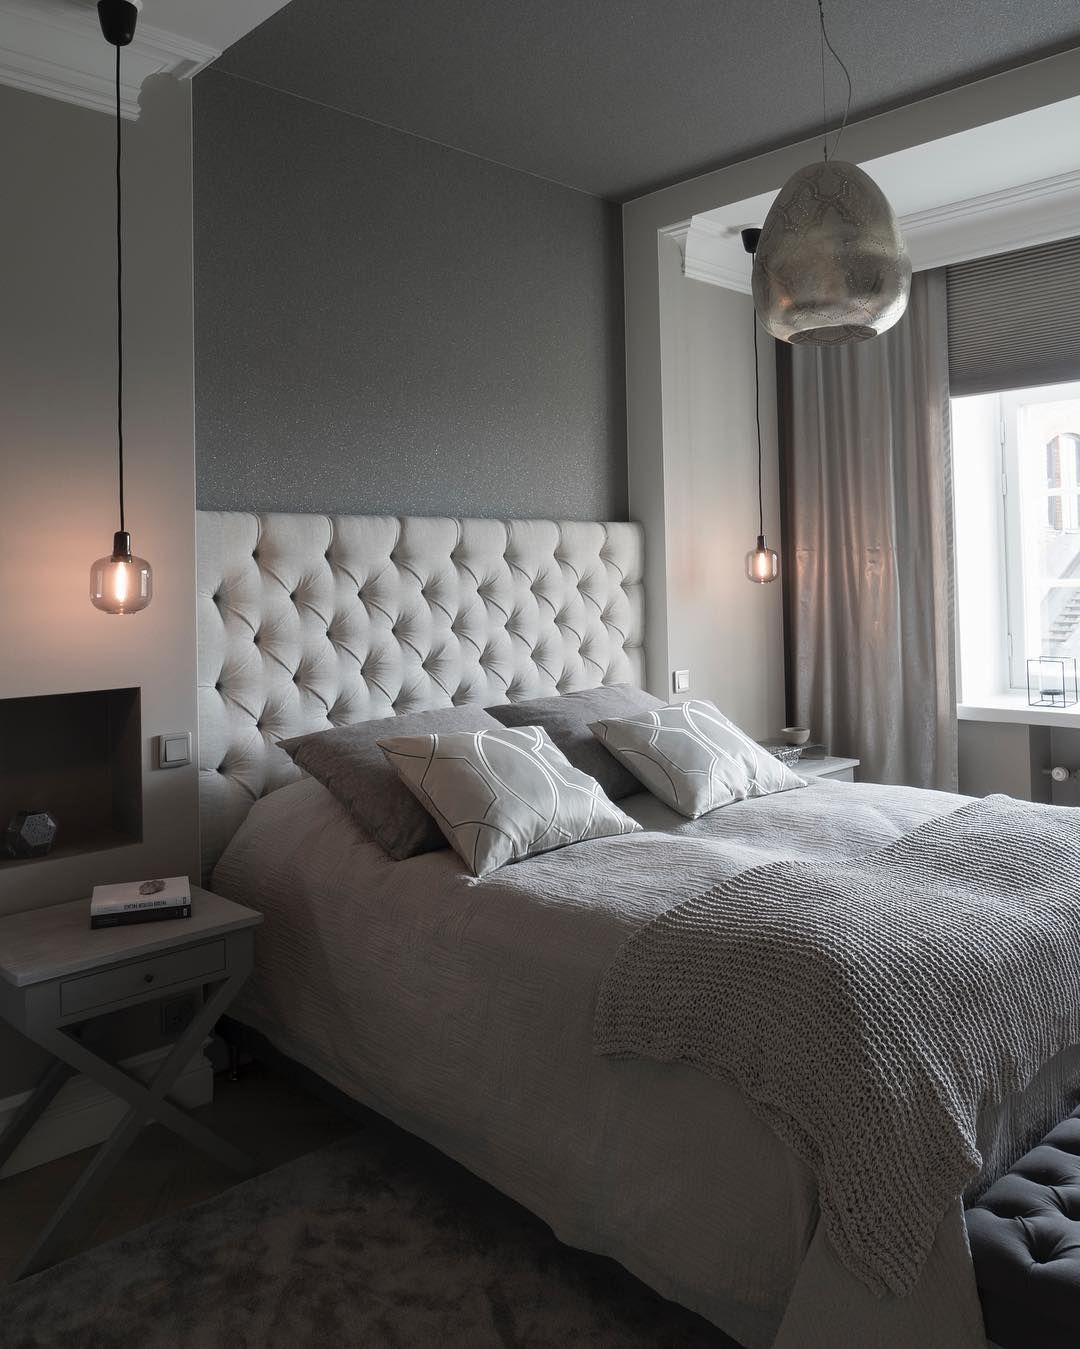 Valaisimet, muhkea sängynpääty ja värisävyjen hallittu kirjo tuo kodikkuutta makuuhuoneeseen